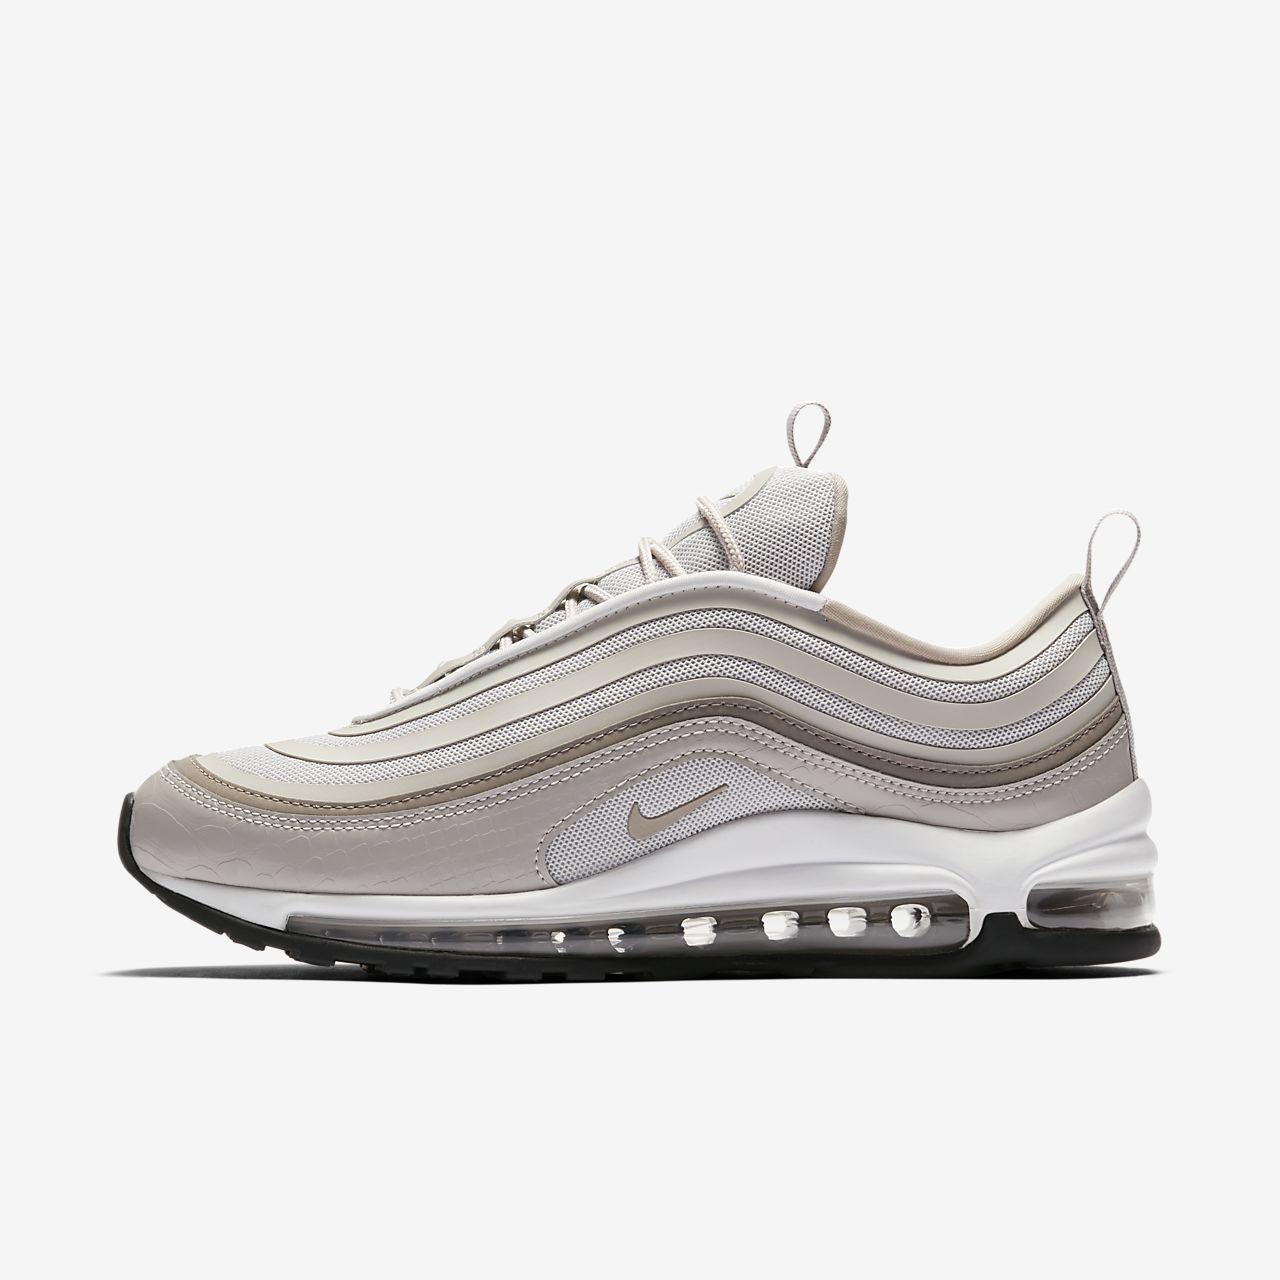 scarpe air max nike 97 donna